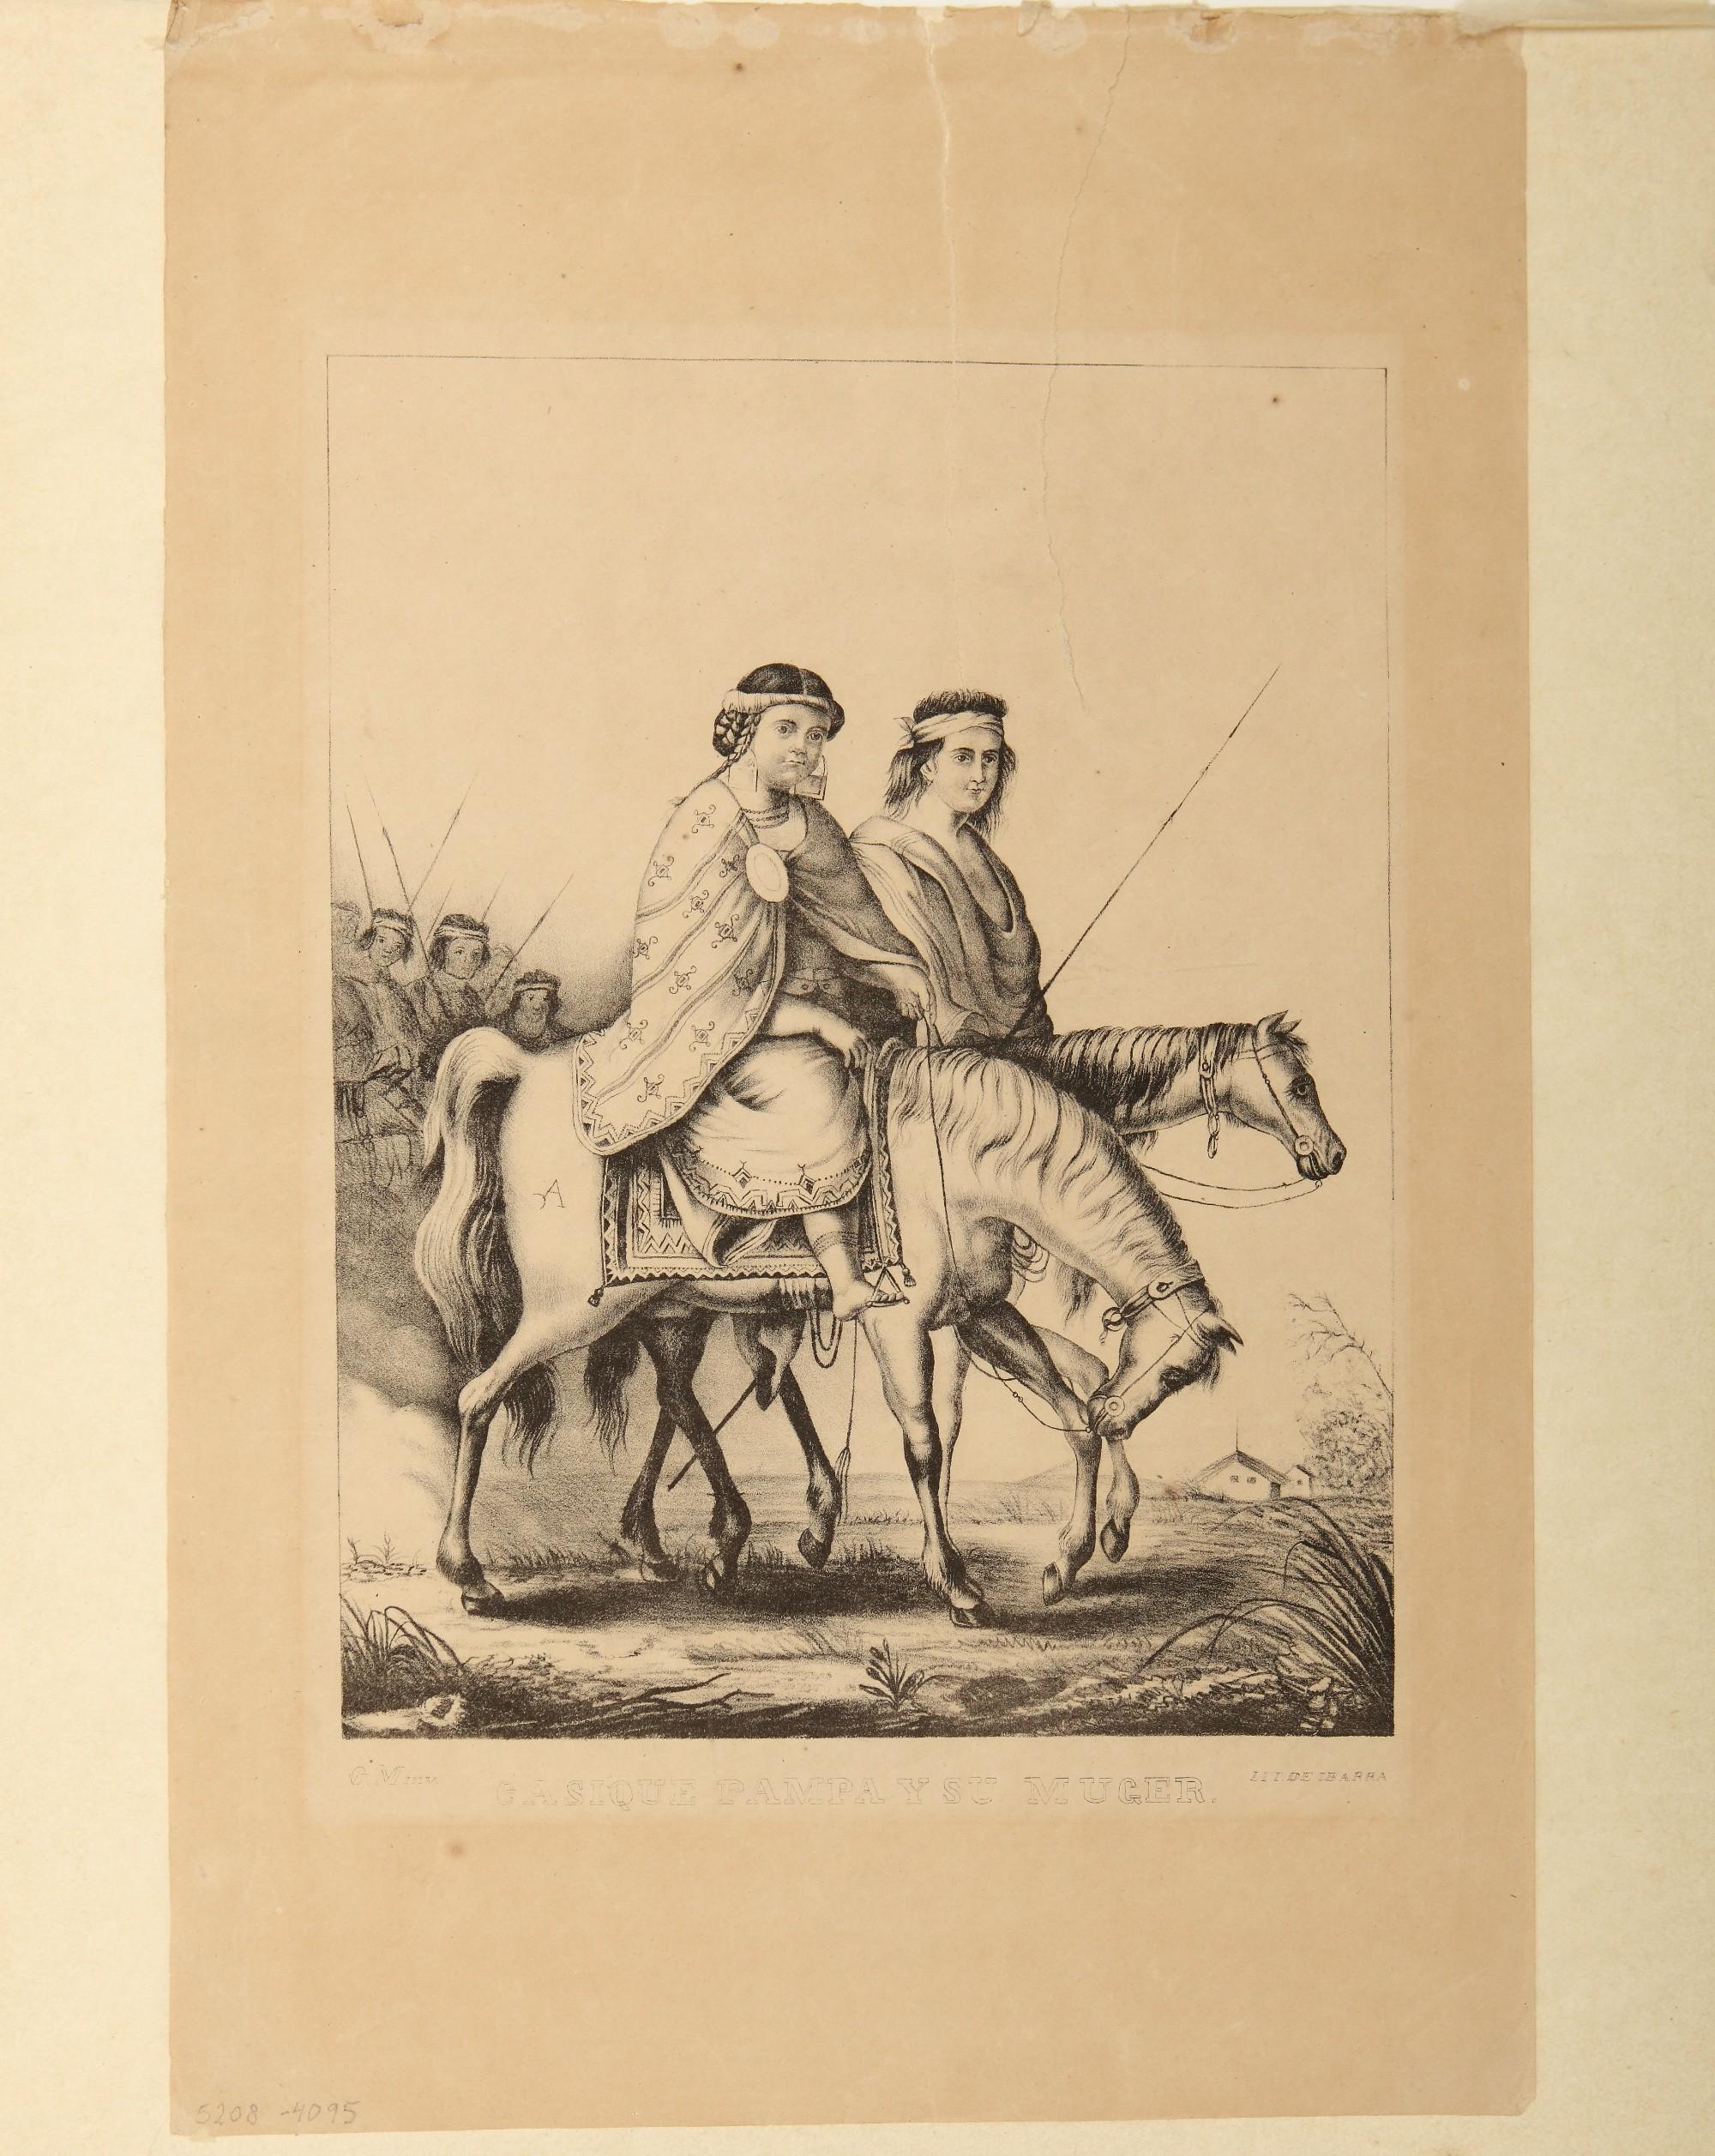 Cacique pampa y su mujer